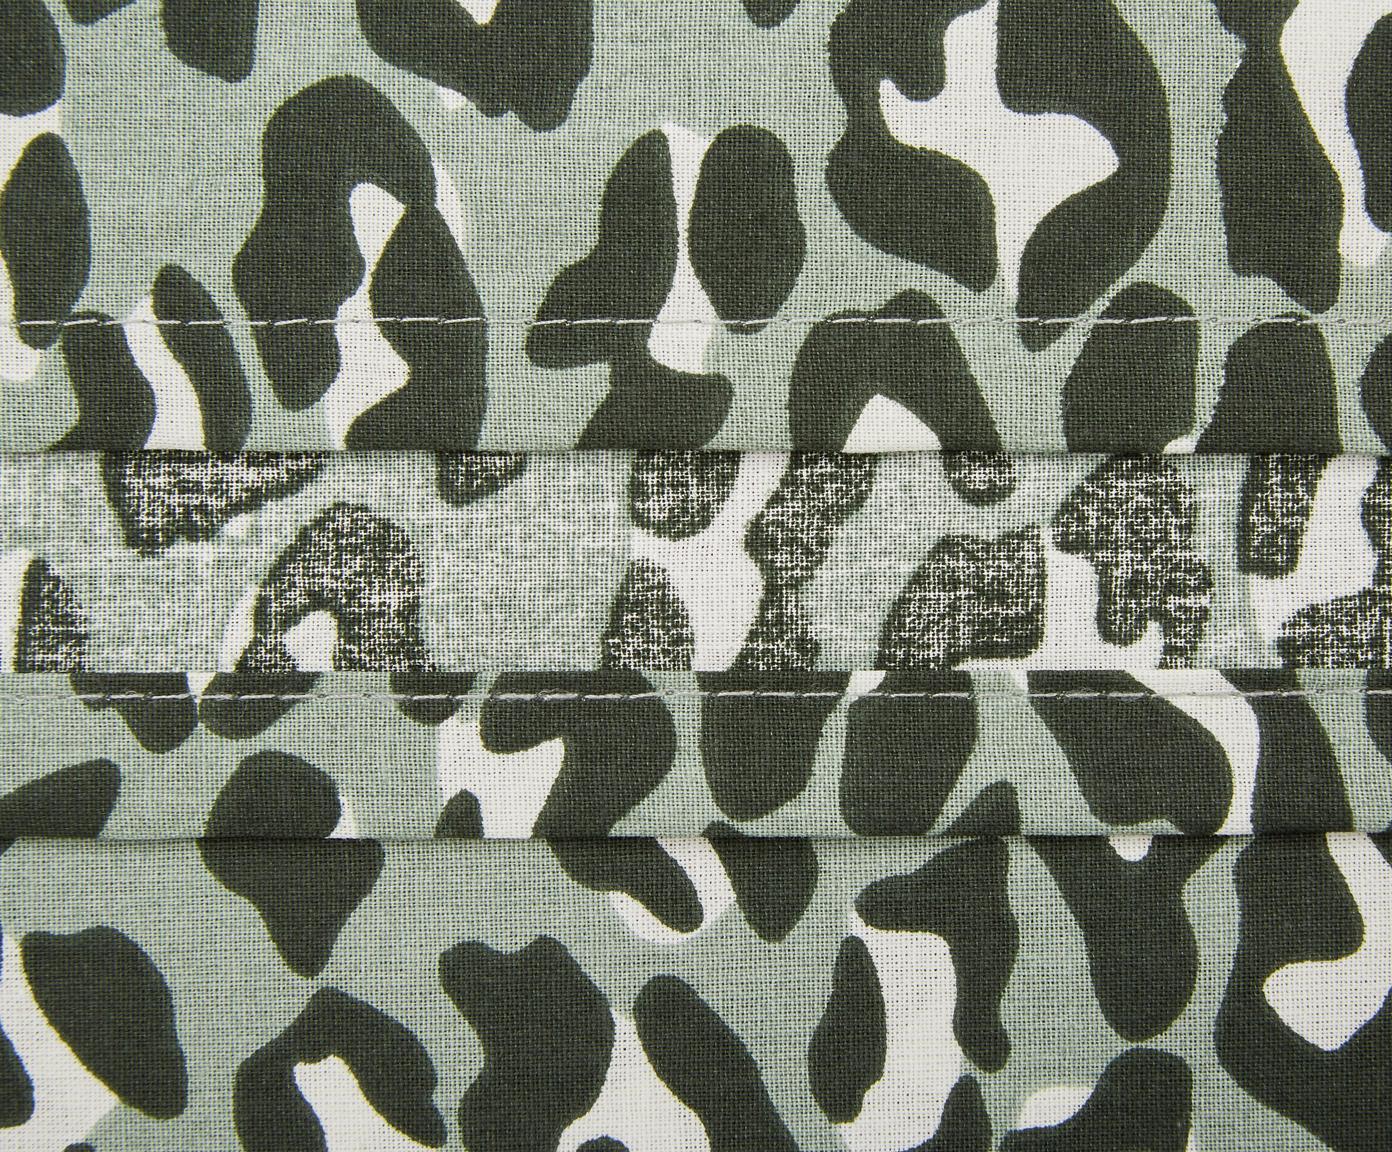 Dekbedovertrek Roarr, Katoen, Groentinten, beige, 240 x 220 cm